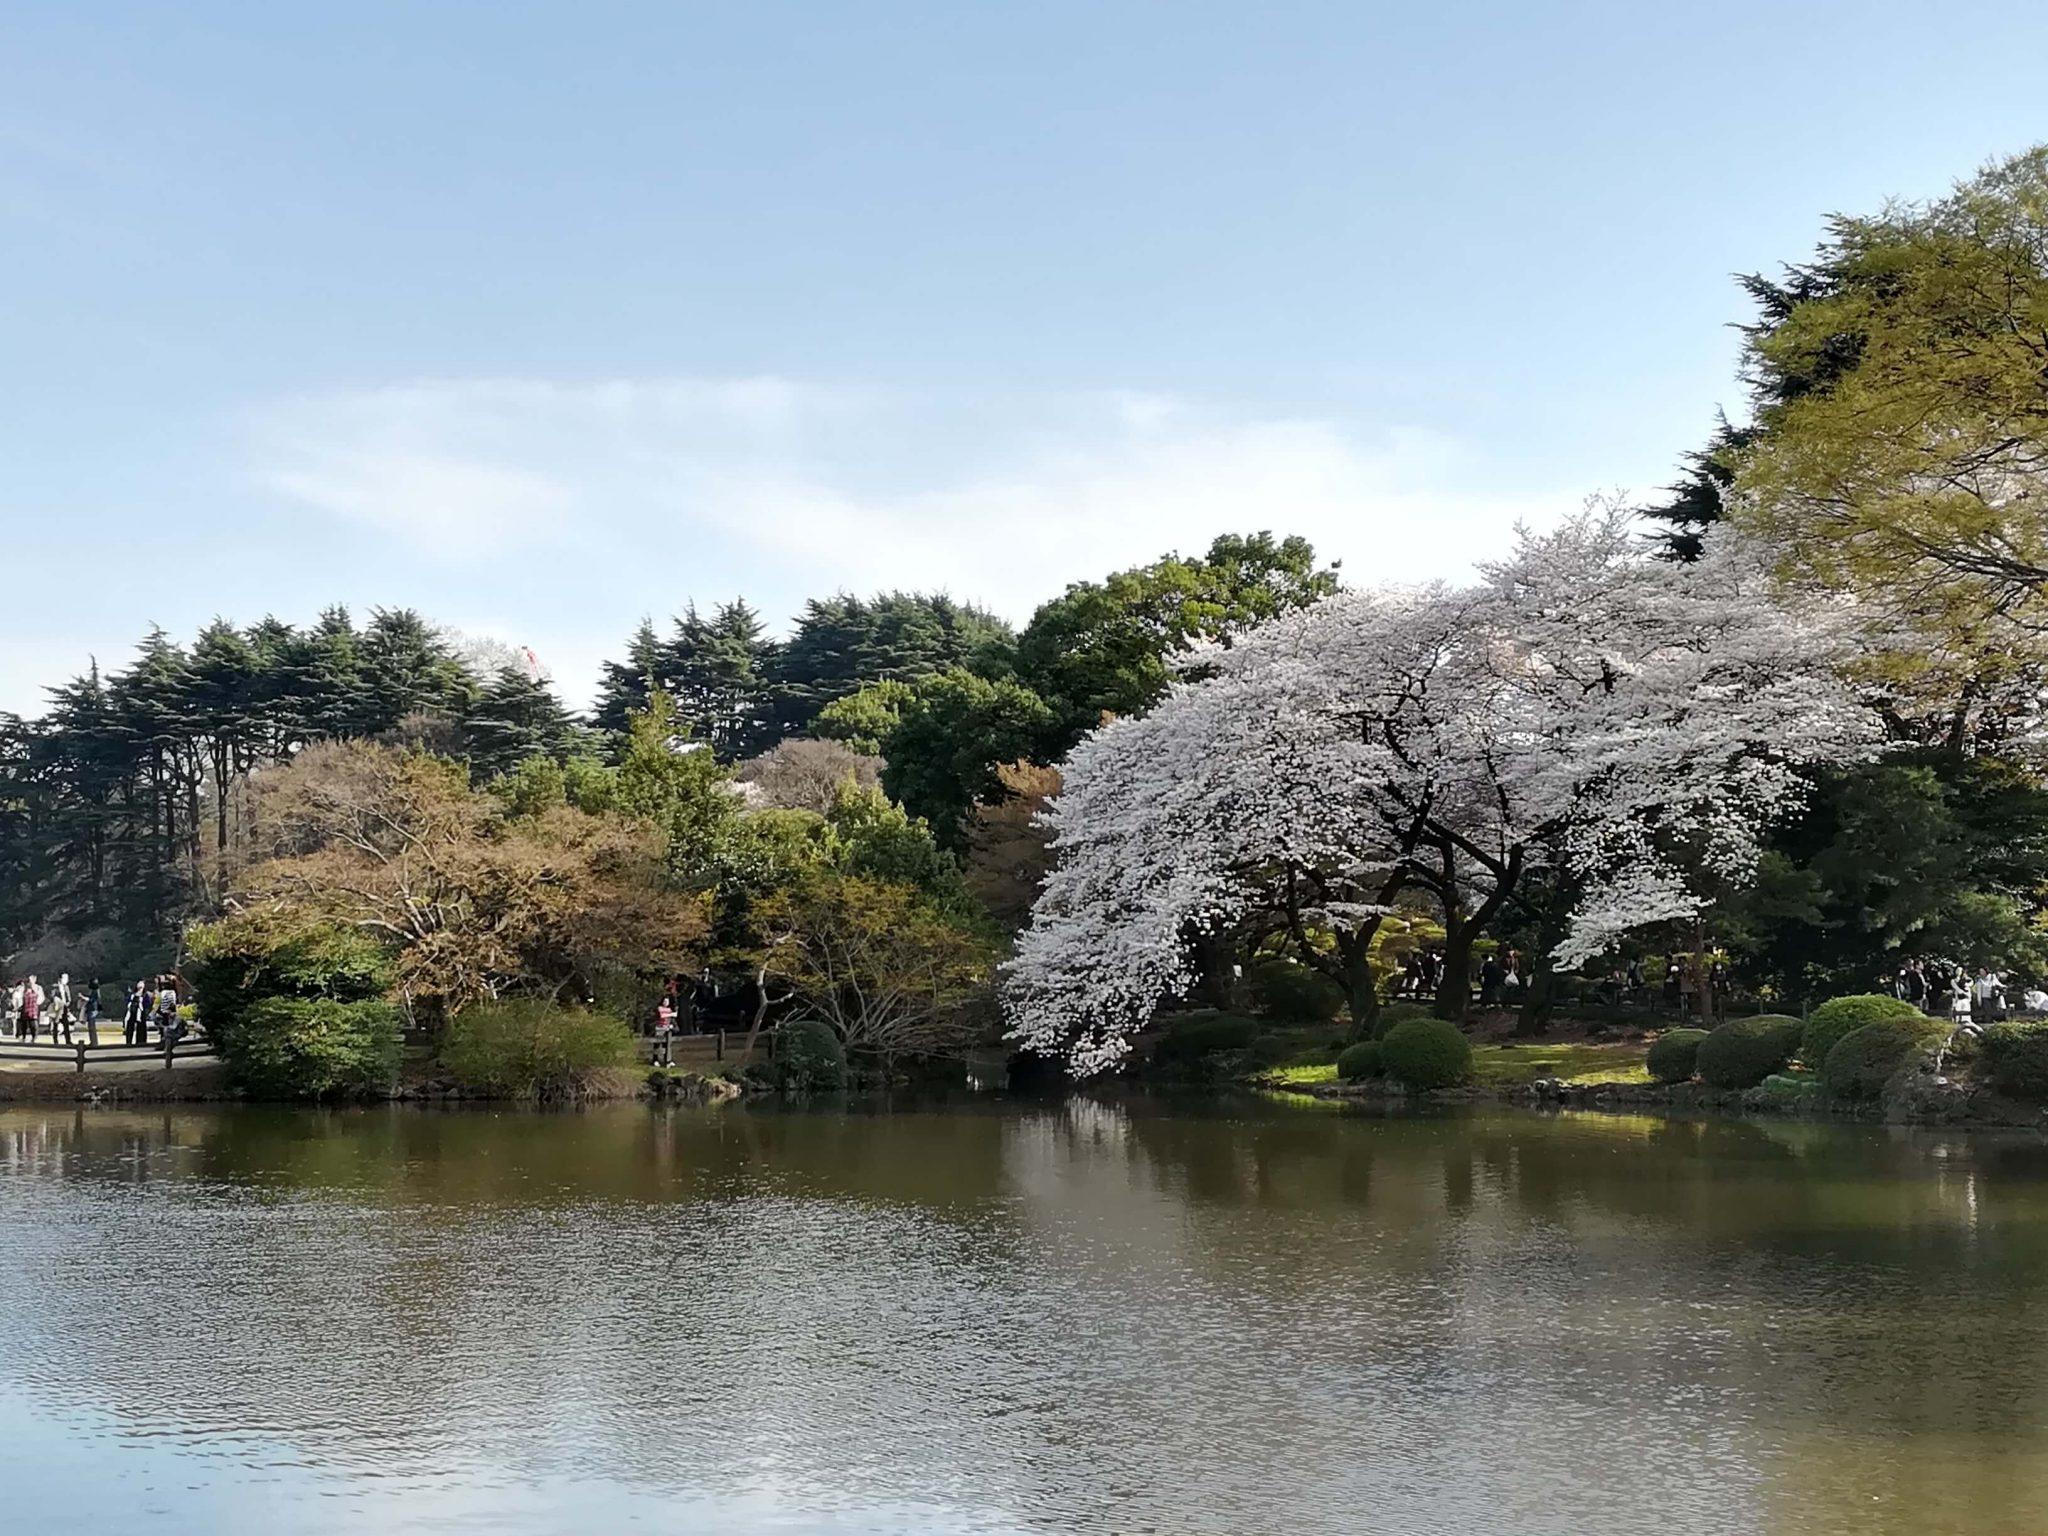 東京の池や湖に関する画像をまとめています